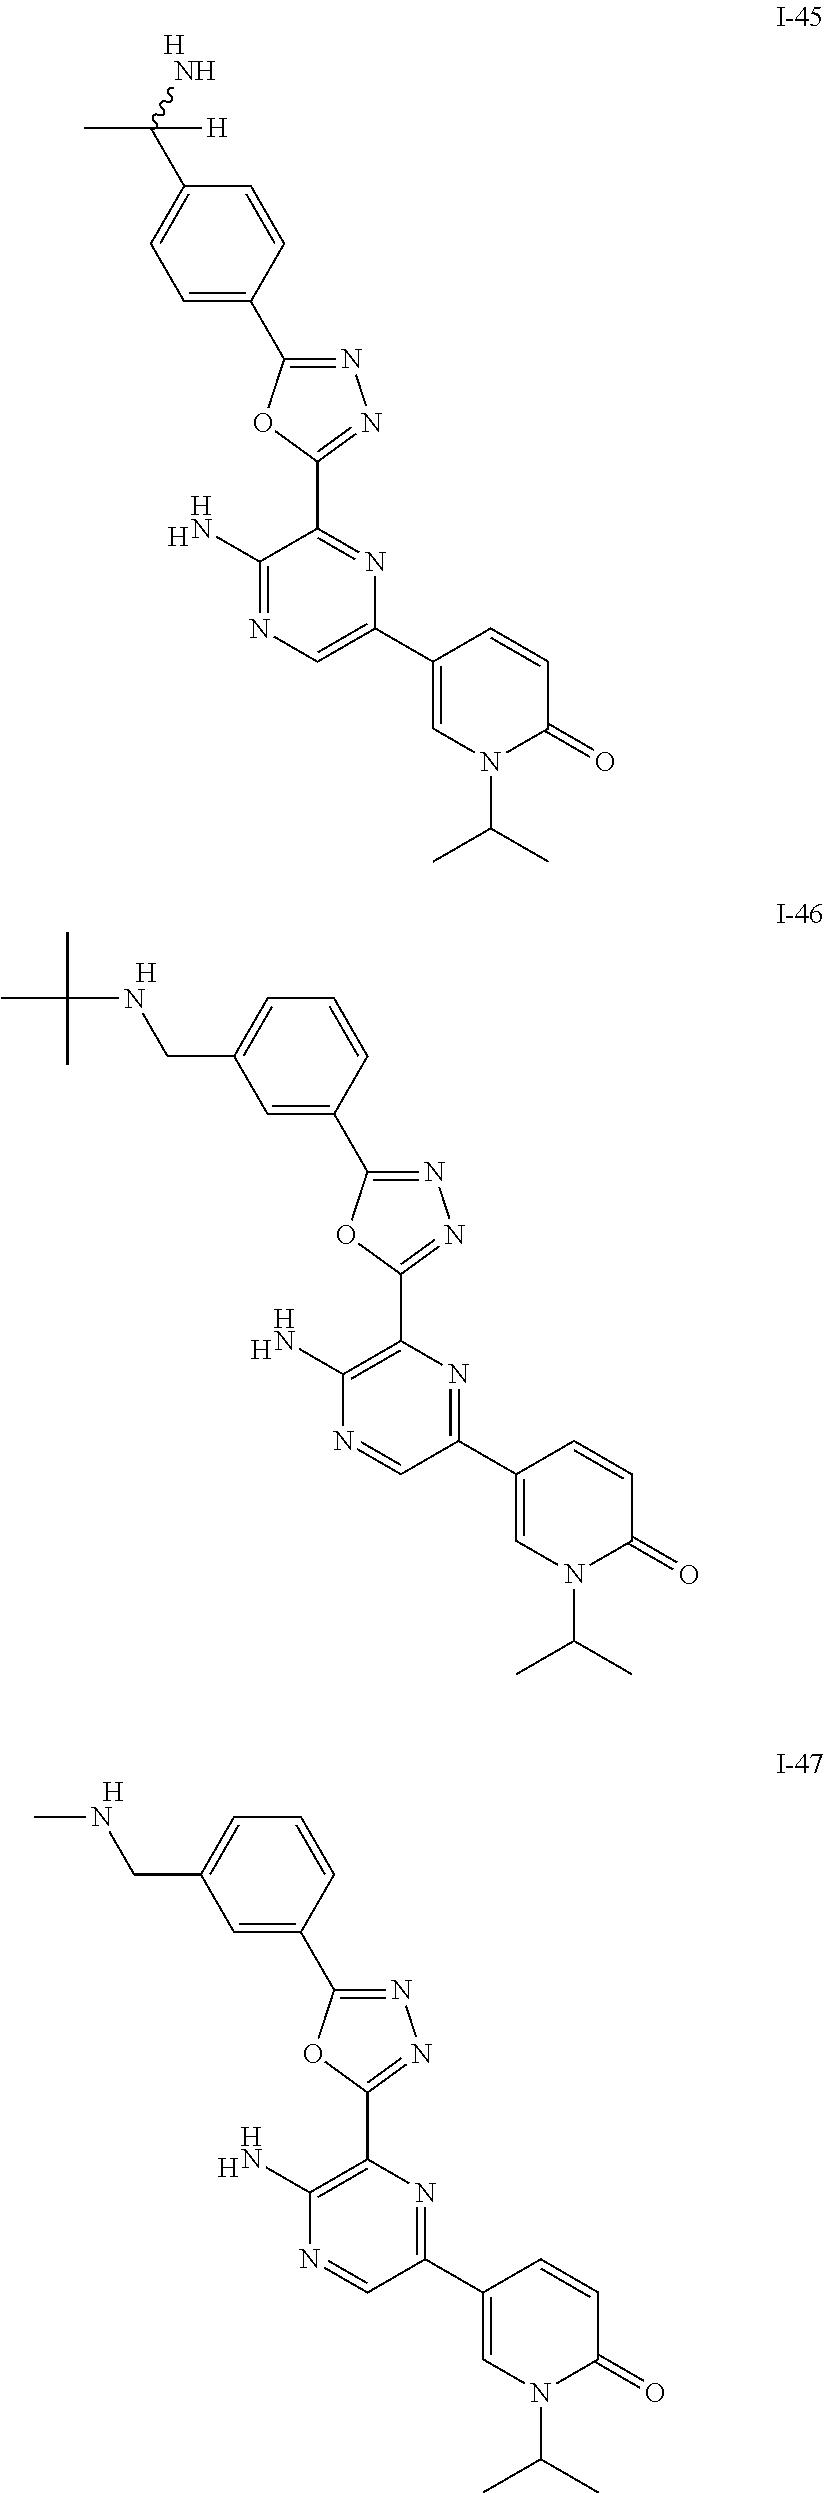 Figure US09630956-20170425-C00232